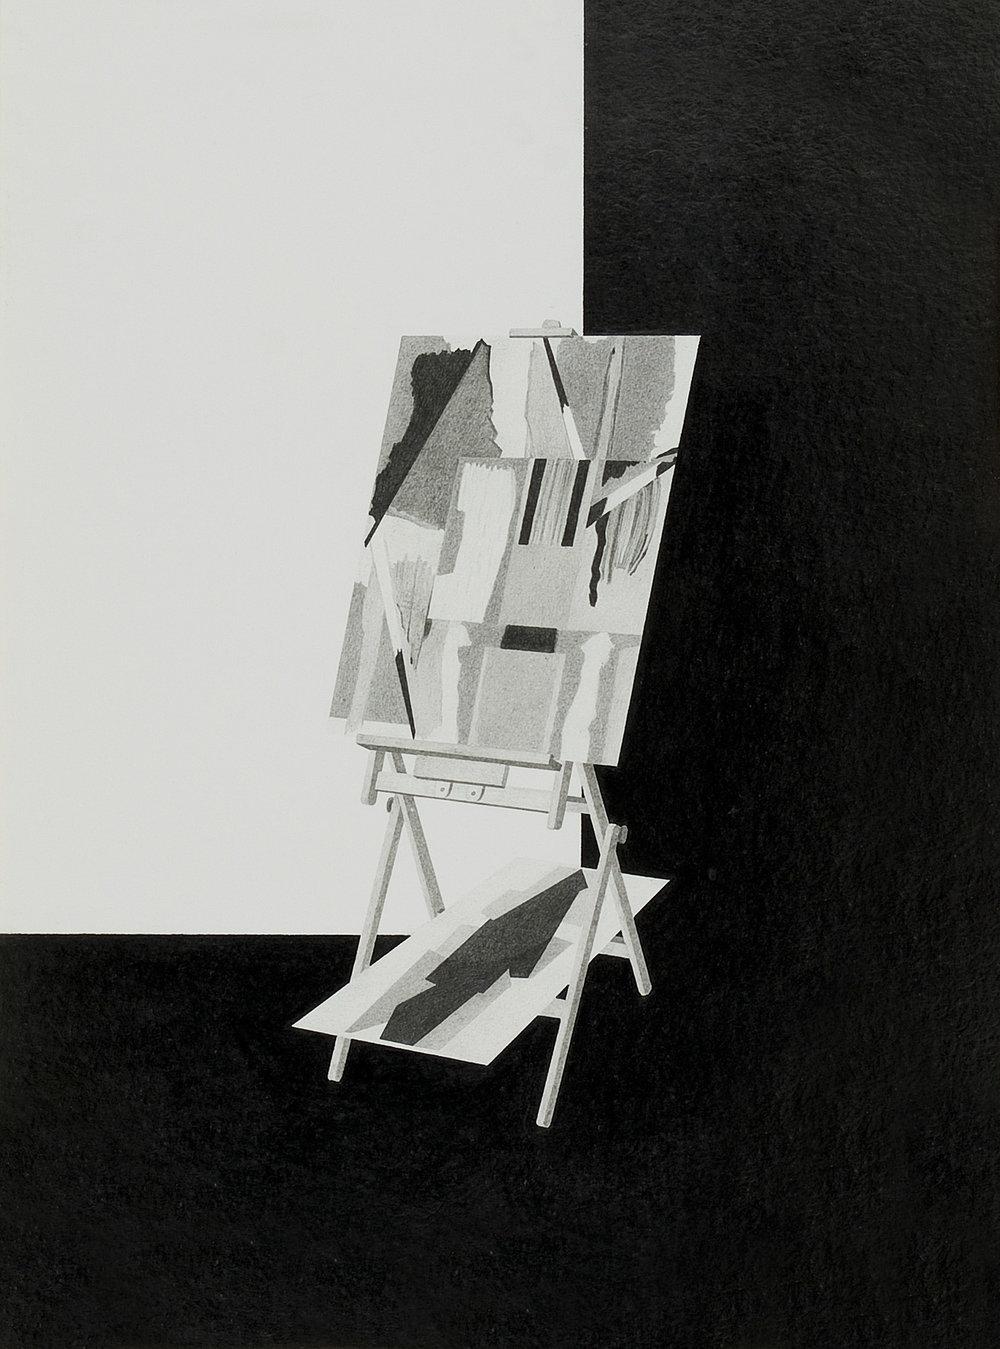 o.T. (Merkel/Freundlich) | 2006 | Bleistift auf Papier | 44,5 x 33,5 cm